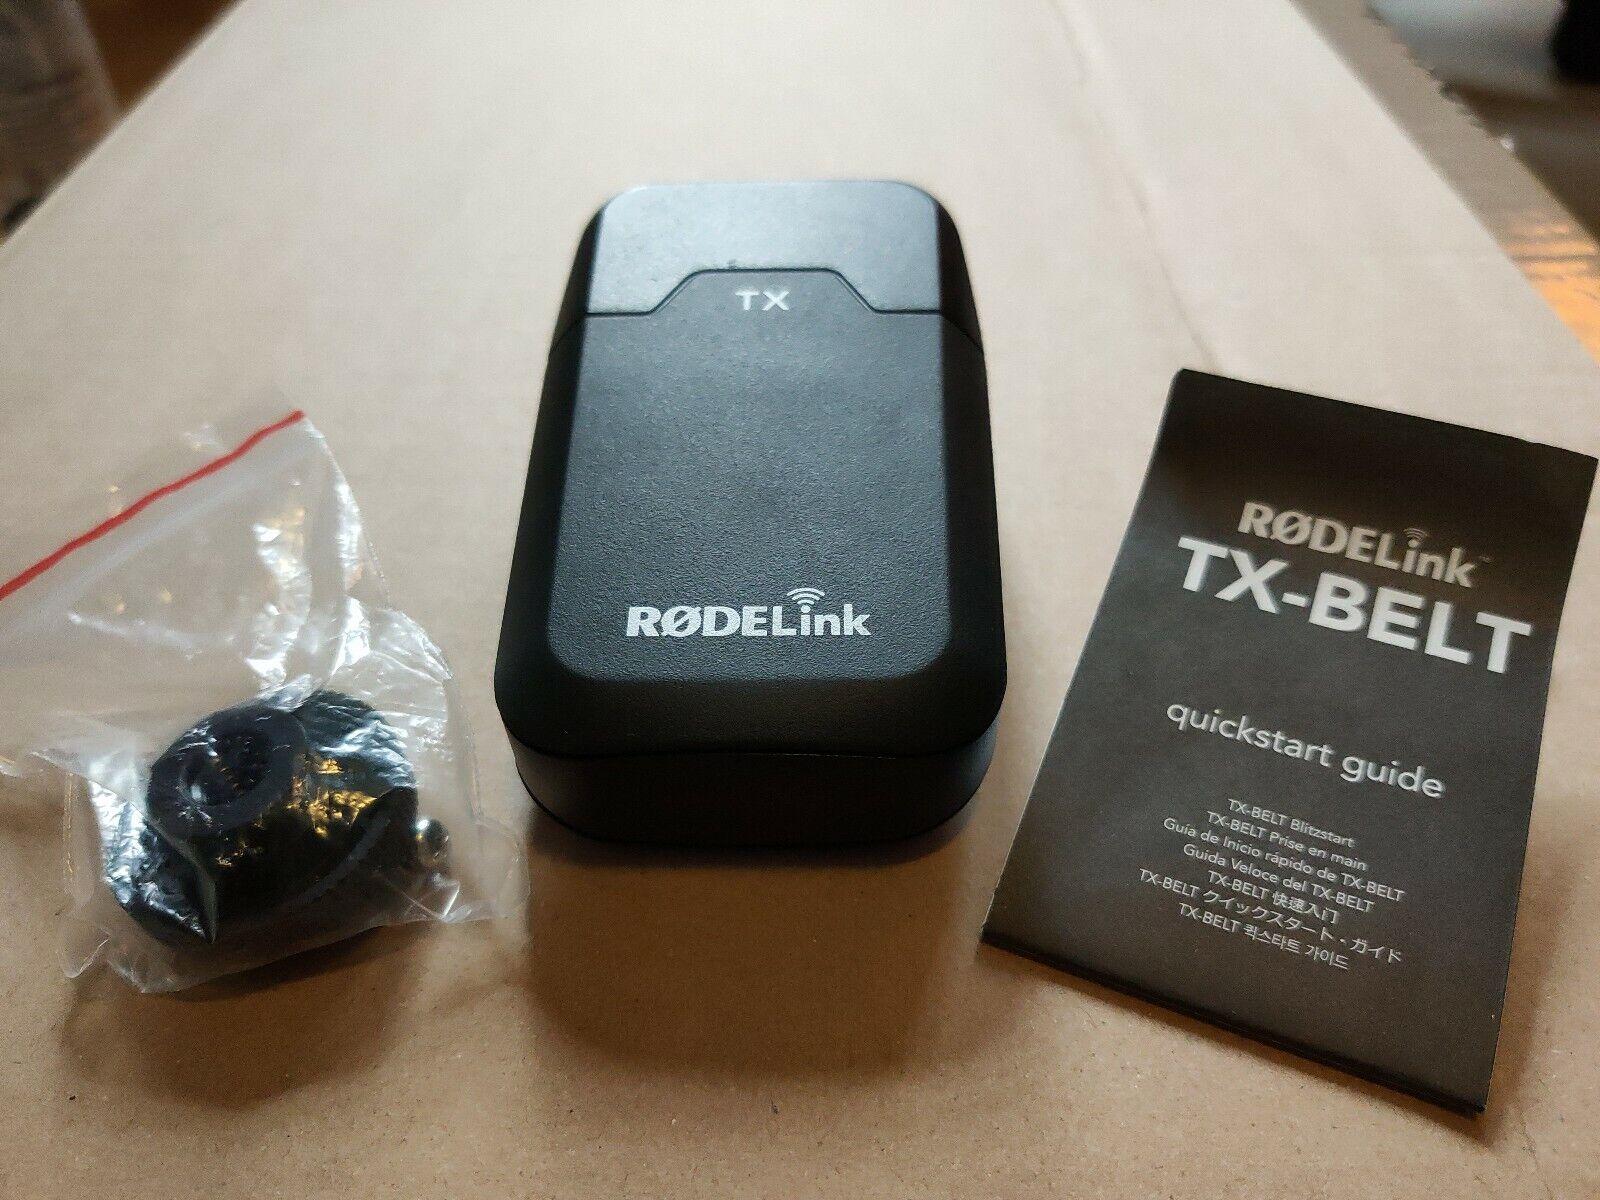 RodeLink TX-Belt (Sender Transmitter) für RodeLink-Geräte und Rode Filmmaker Kit